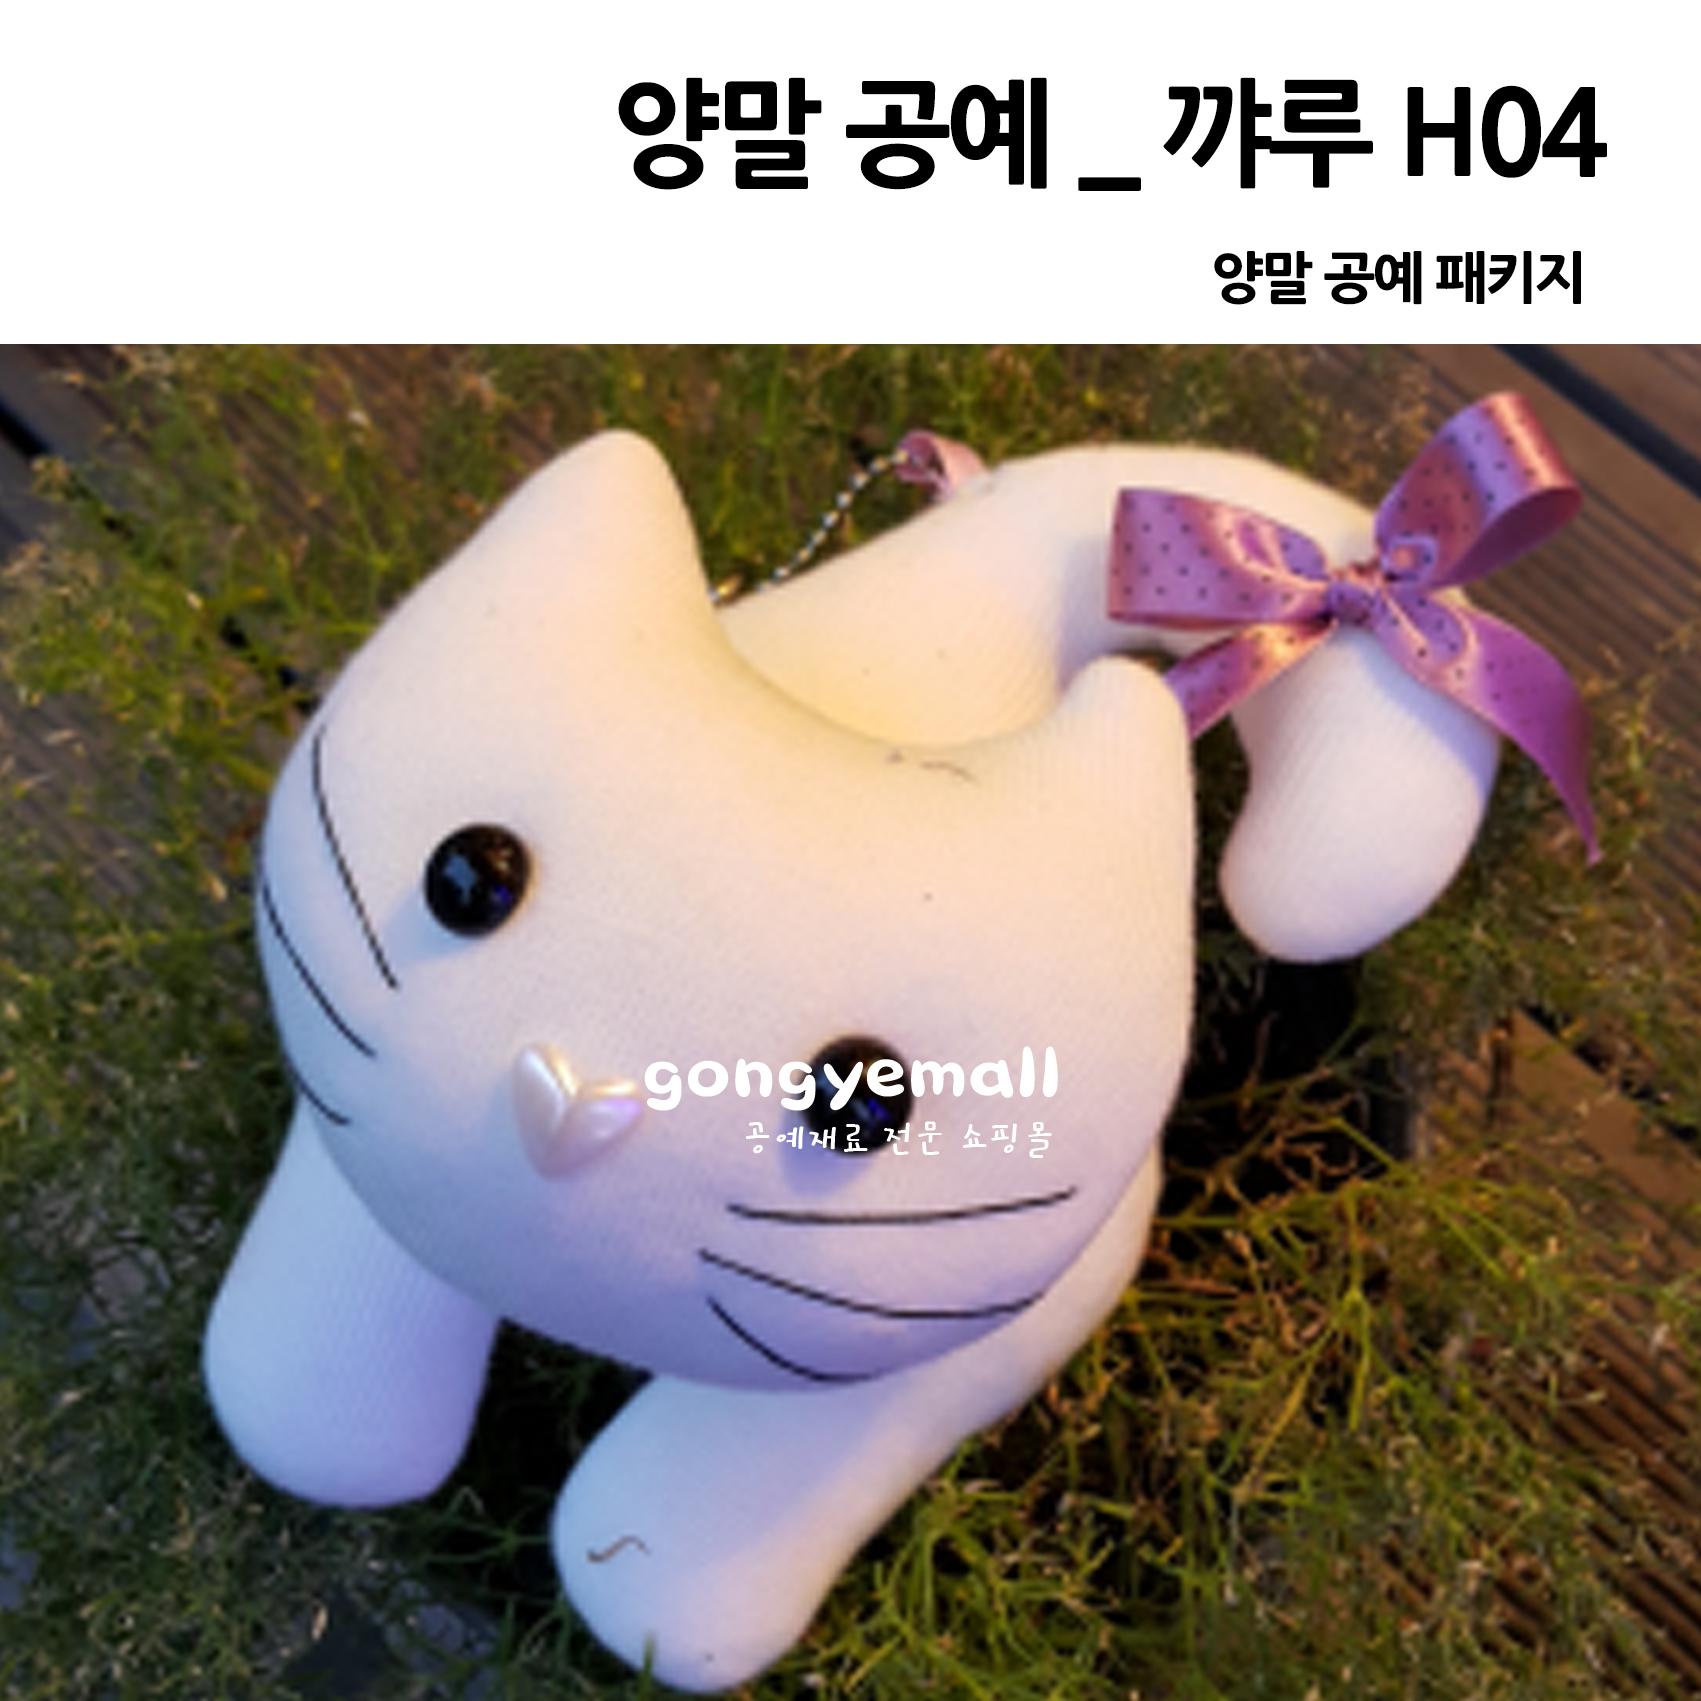 [양말공예]양말 DIY 패키지 꺄루 H04